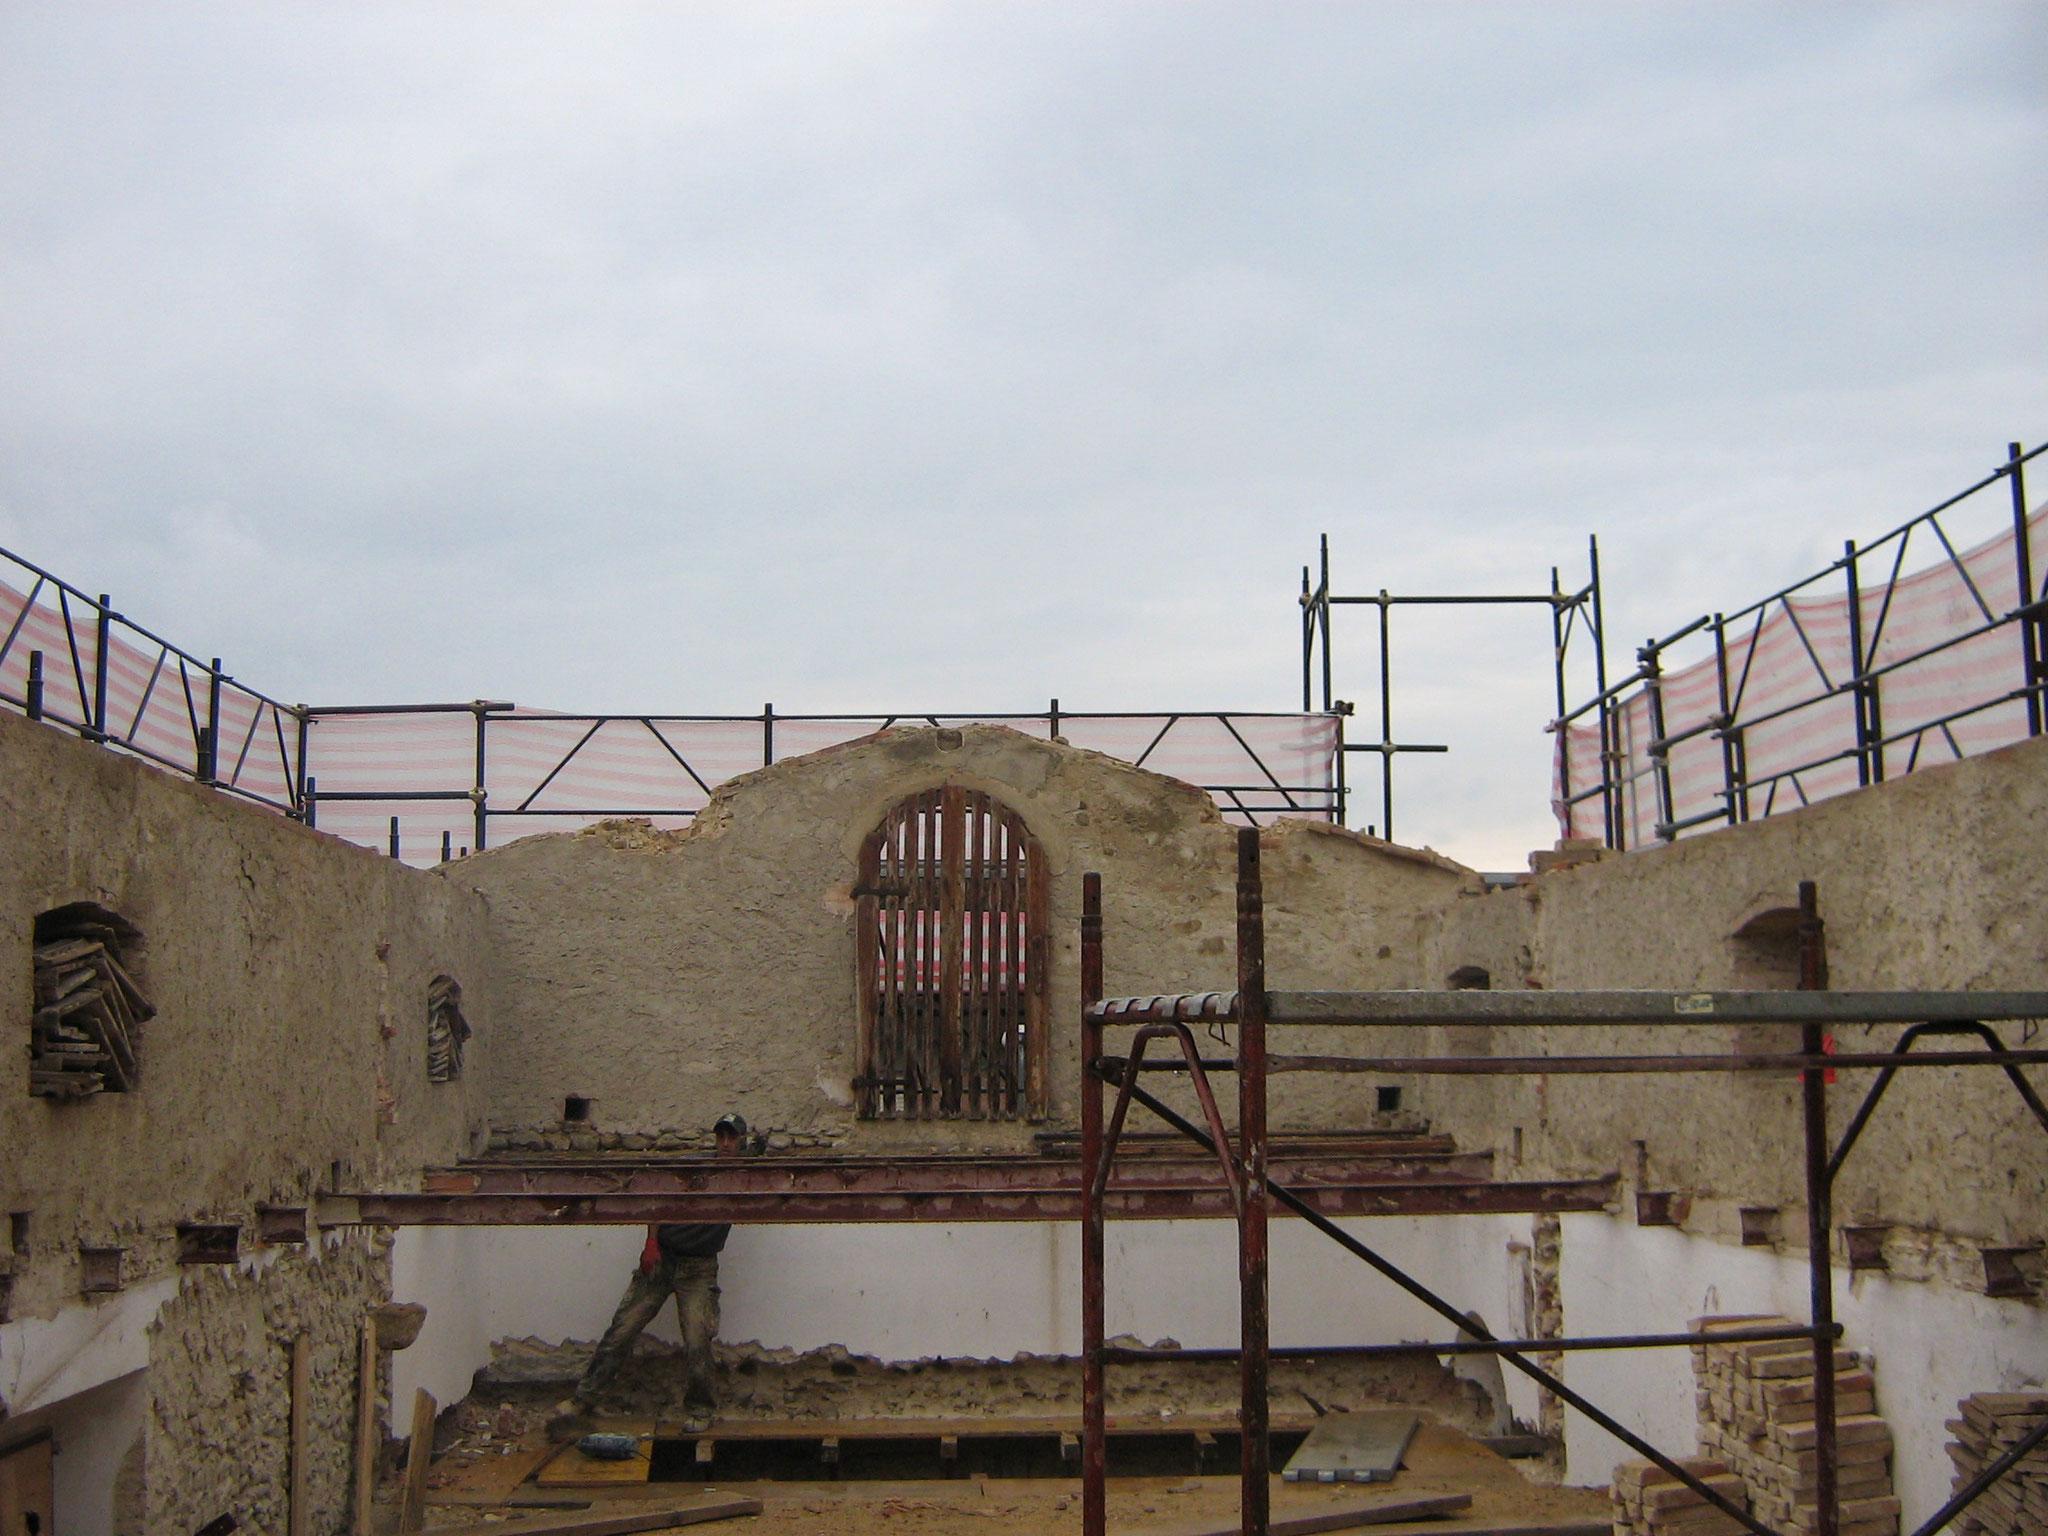 COMUNE DI TAVARNELLE VAL DI PESA - Lavori di ristrutturazione del fabbricato annesso alla Caserma dei Carabinieri di Tavernelle Val di Pesa.